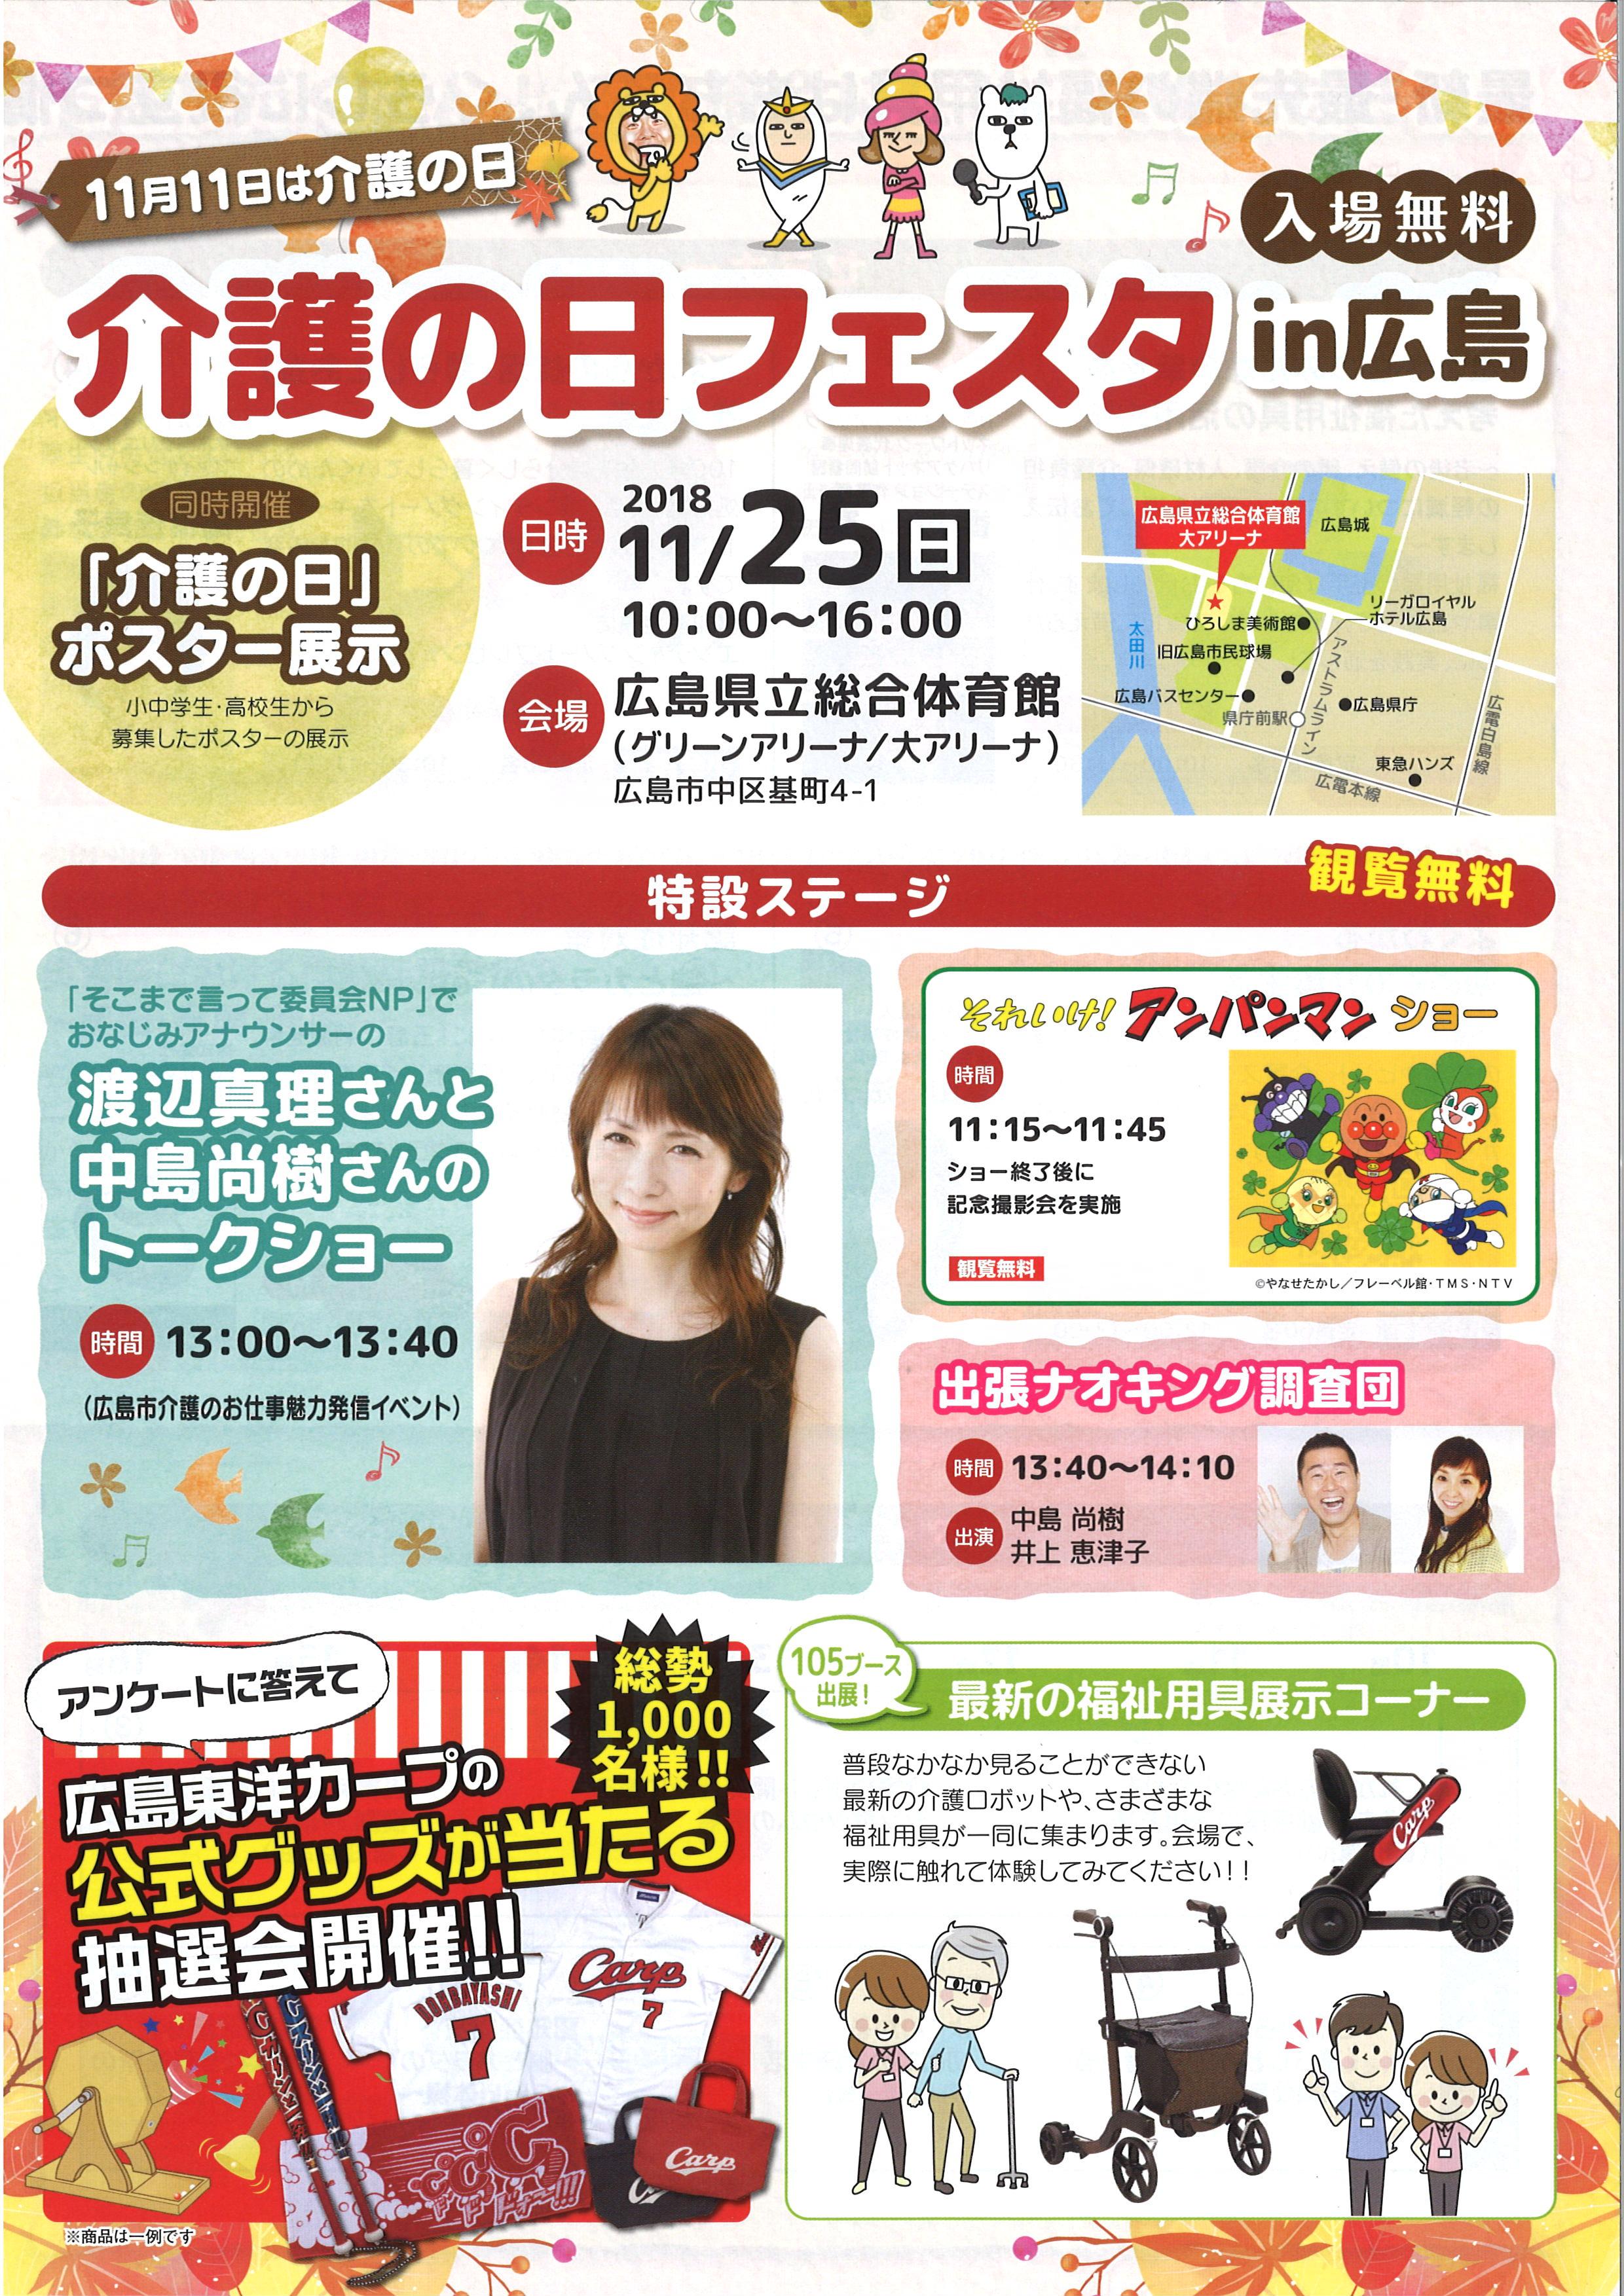 介護の日フェスタin広島に出展します。